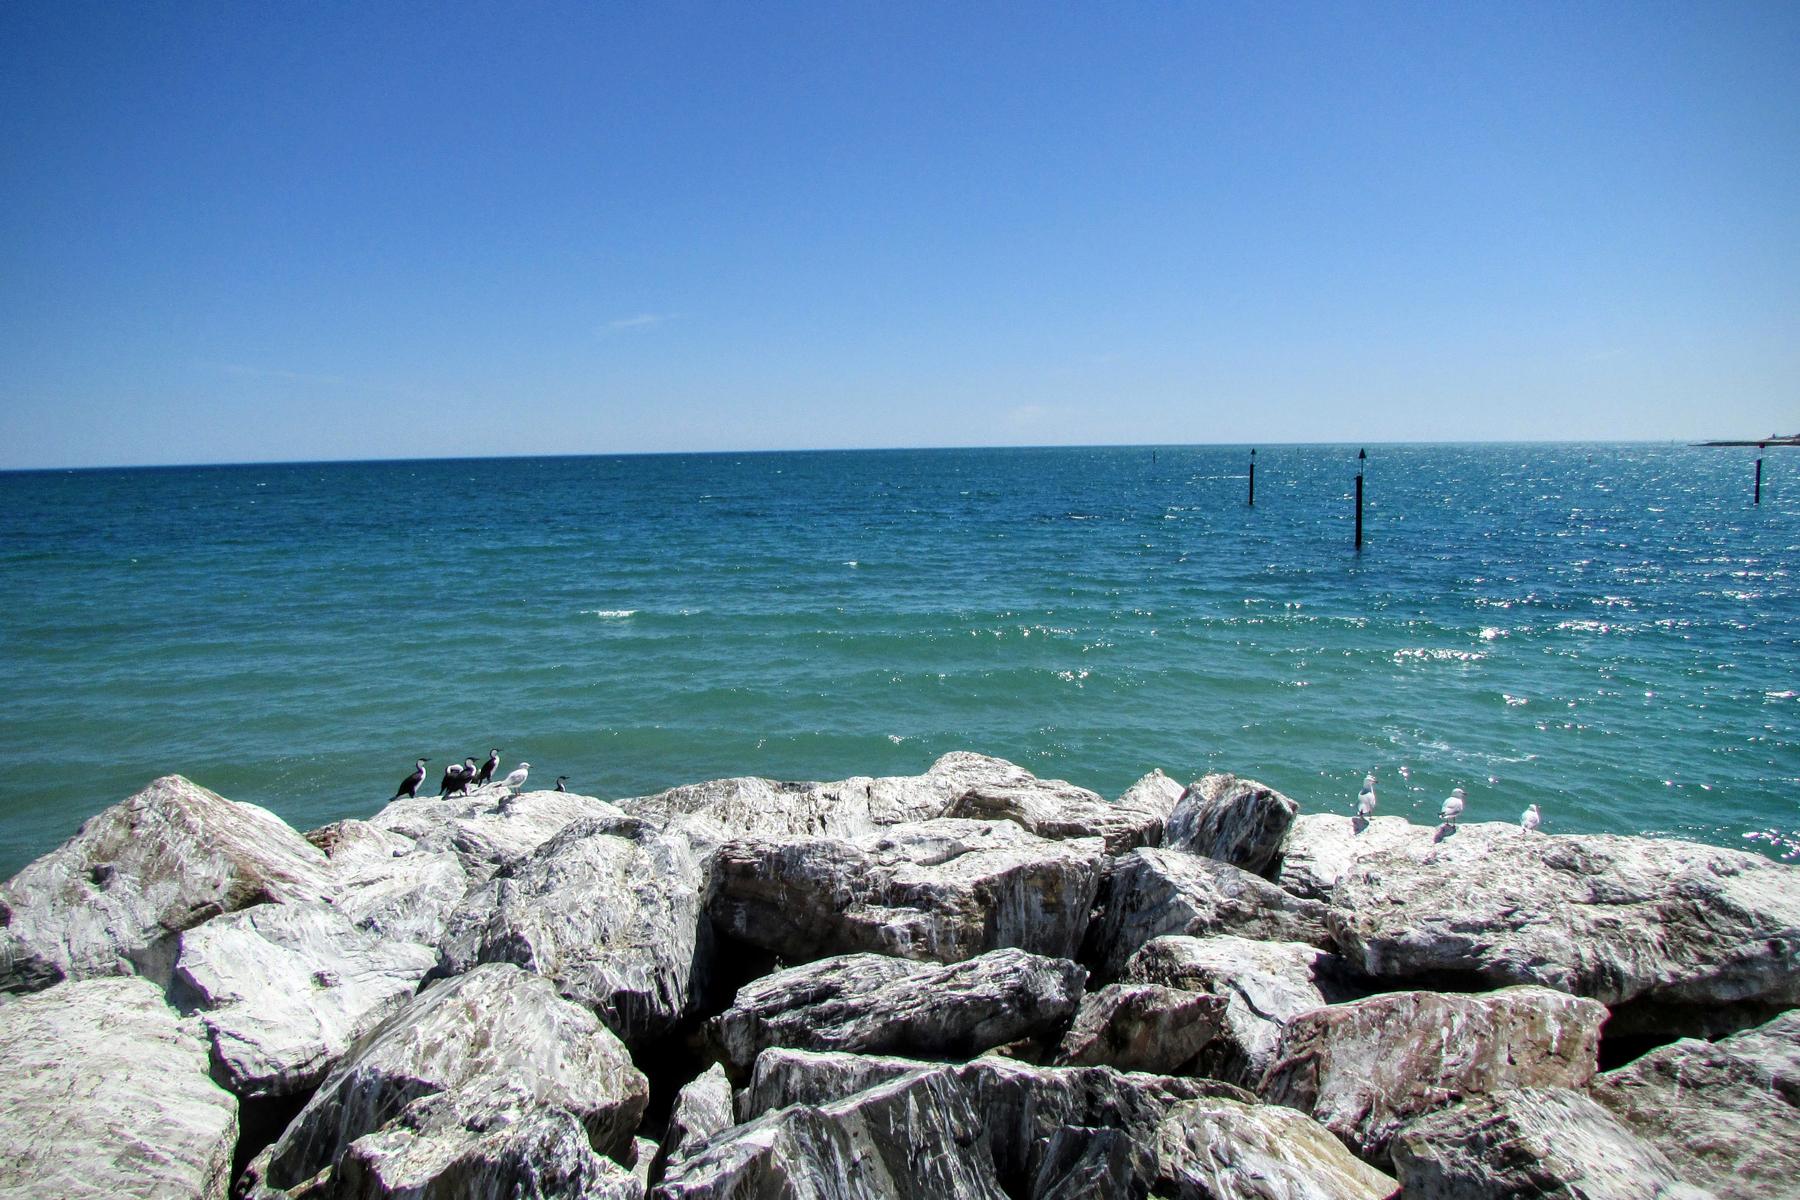 2015 | Glenelg beach, Adelaide - Australia